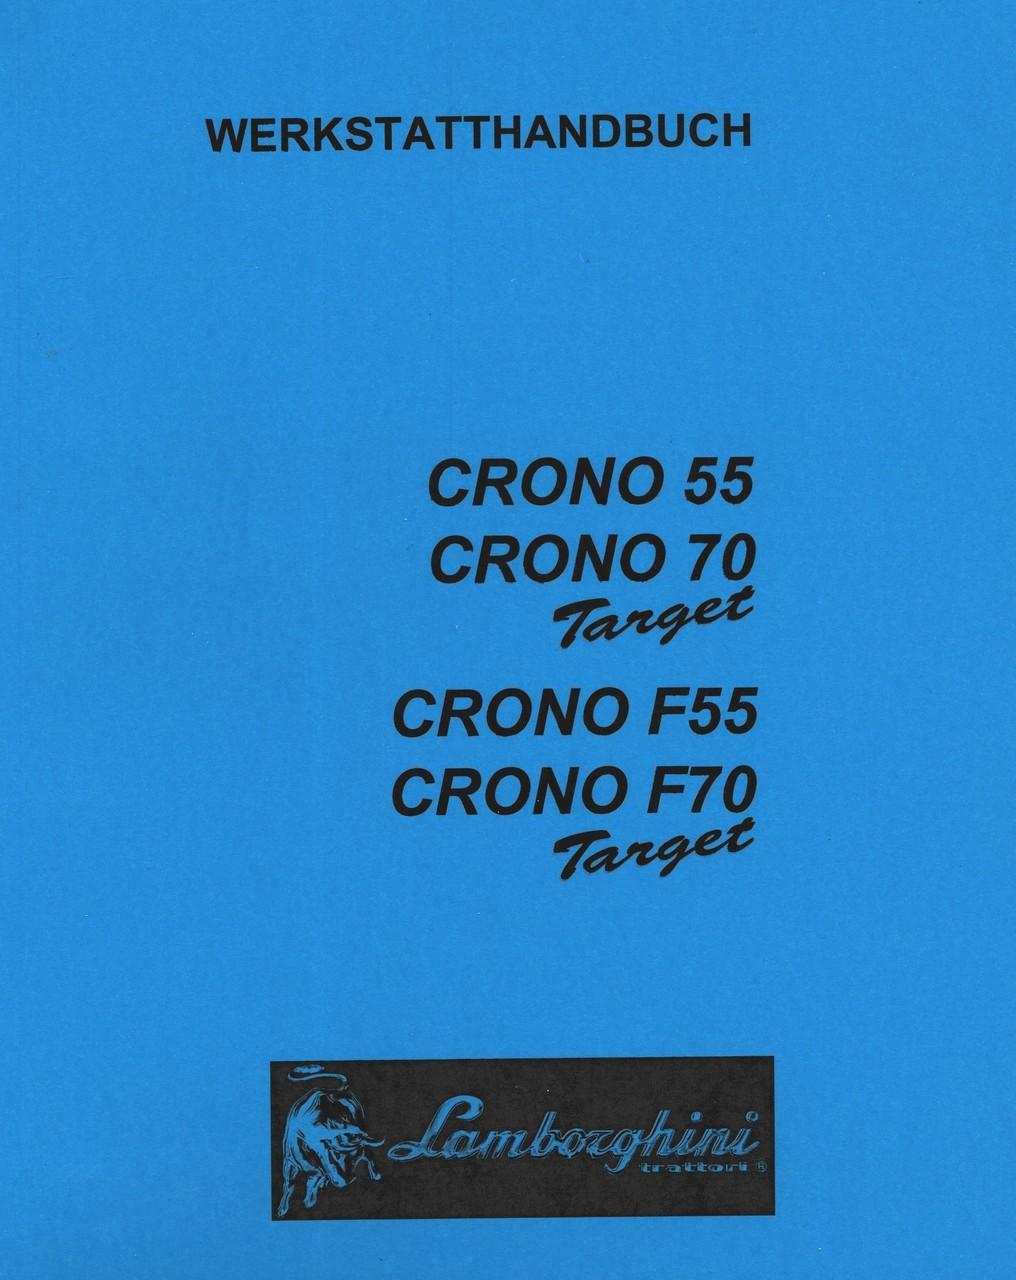 CRONO 55 TARGET - CRONO 70 TARGET - CRONO F 55 TARGET - CRONO F 70 TARGET - Werkstatthandbuch